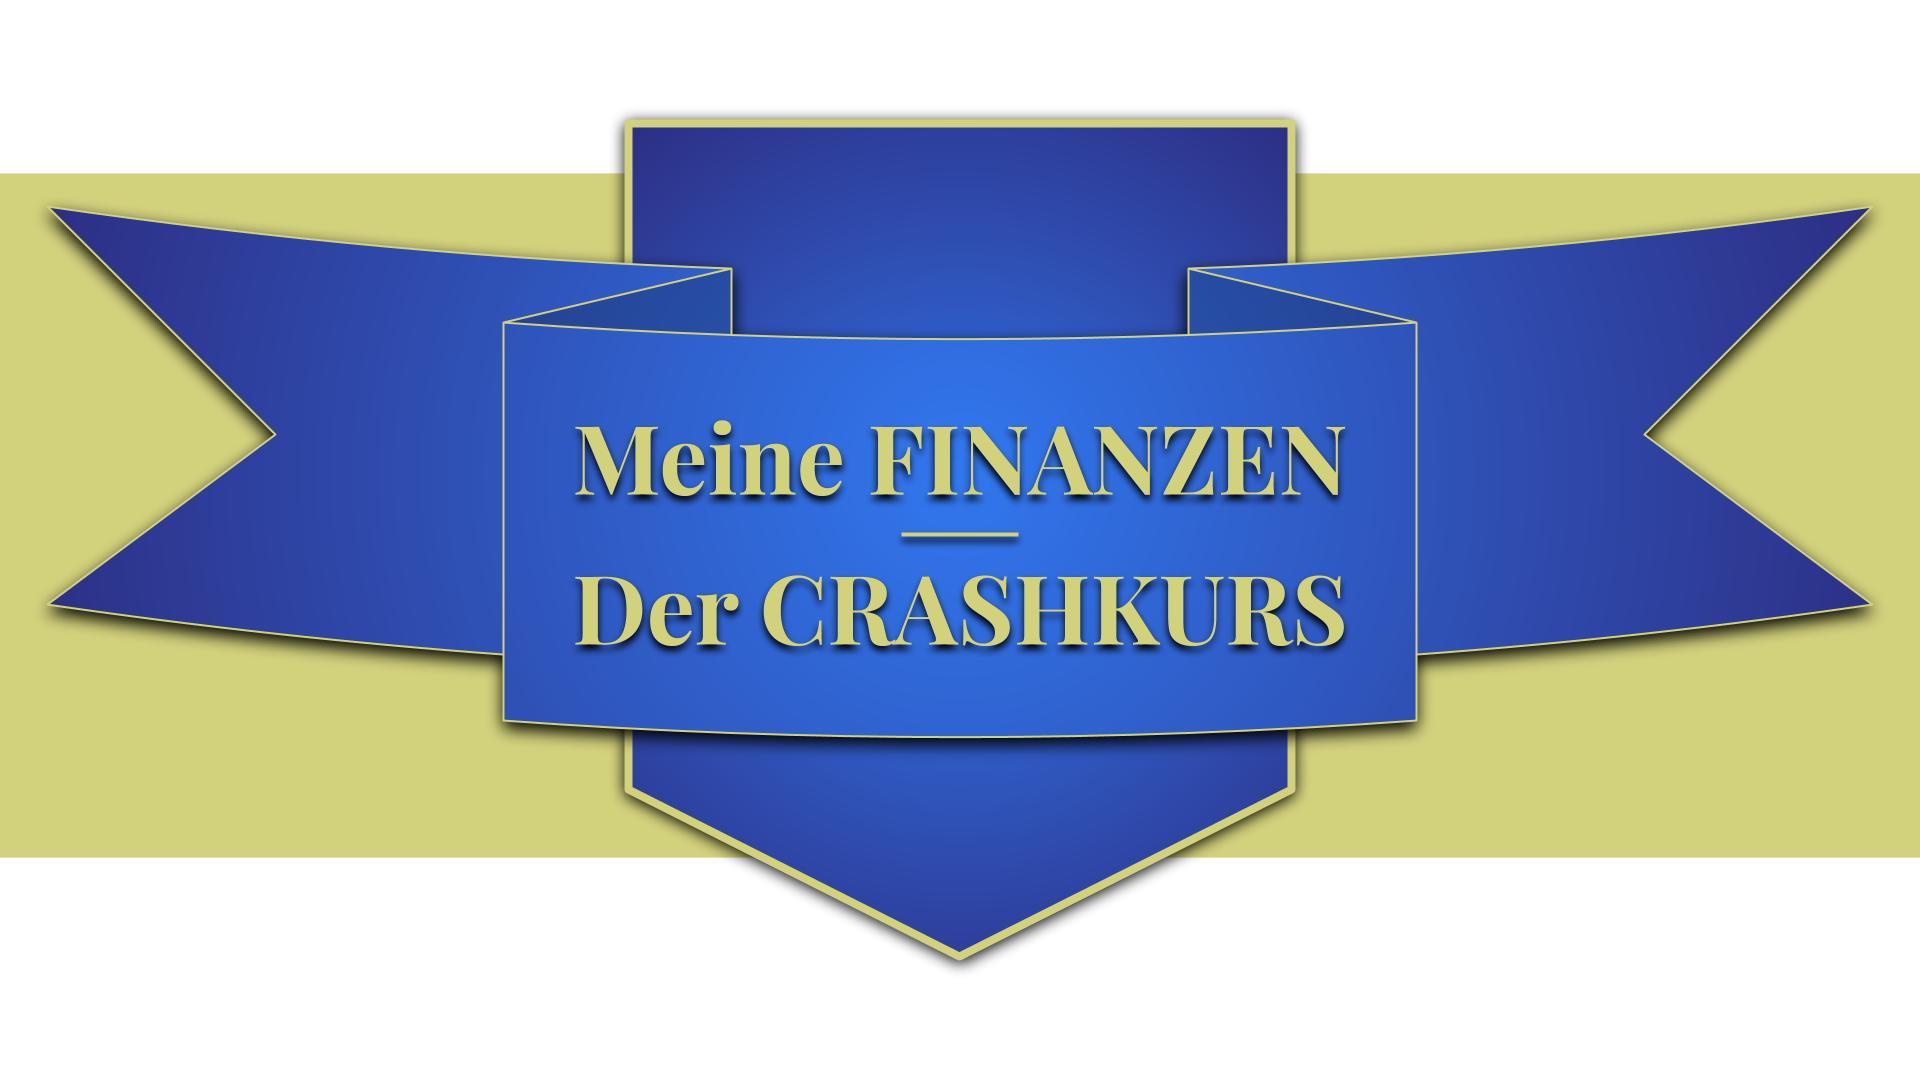 Meine FINANZEN - Der CRASHKURS